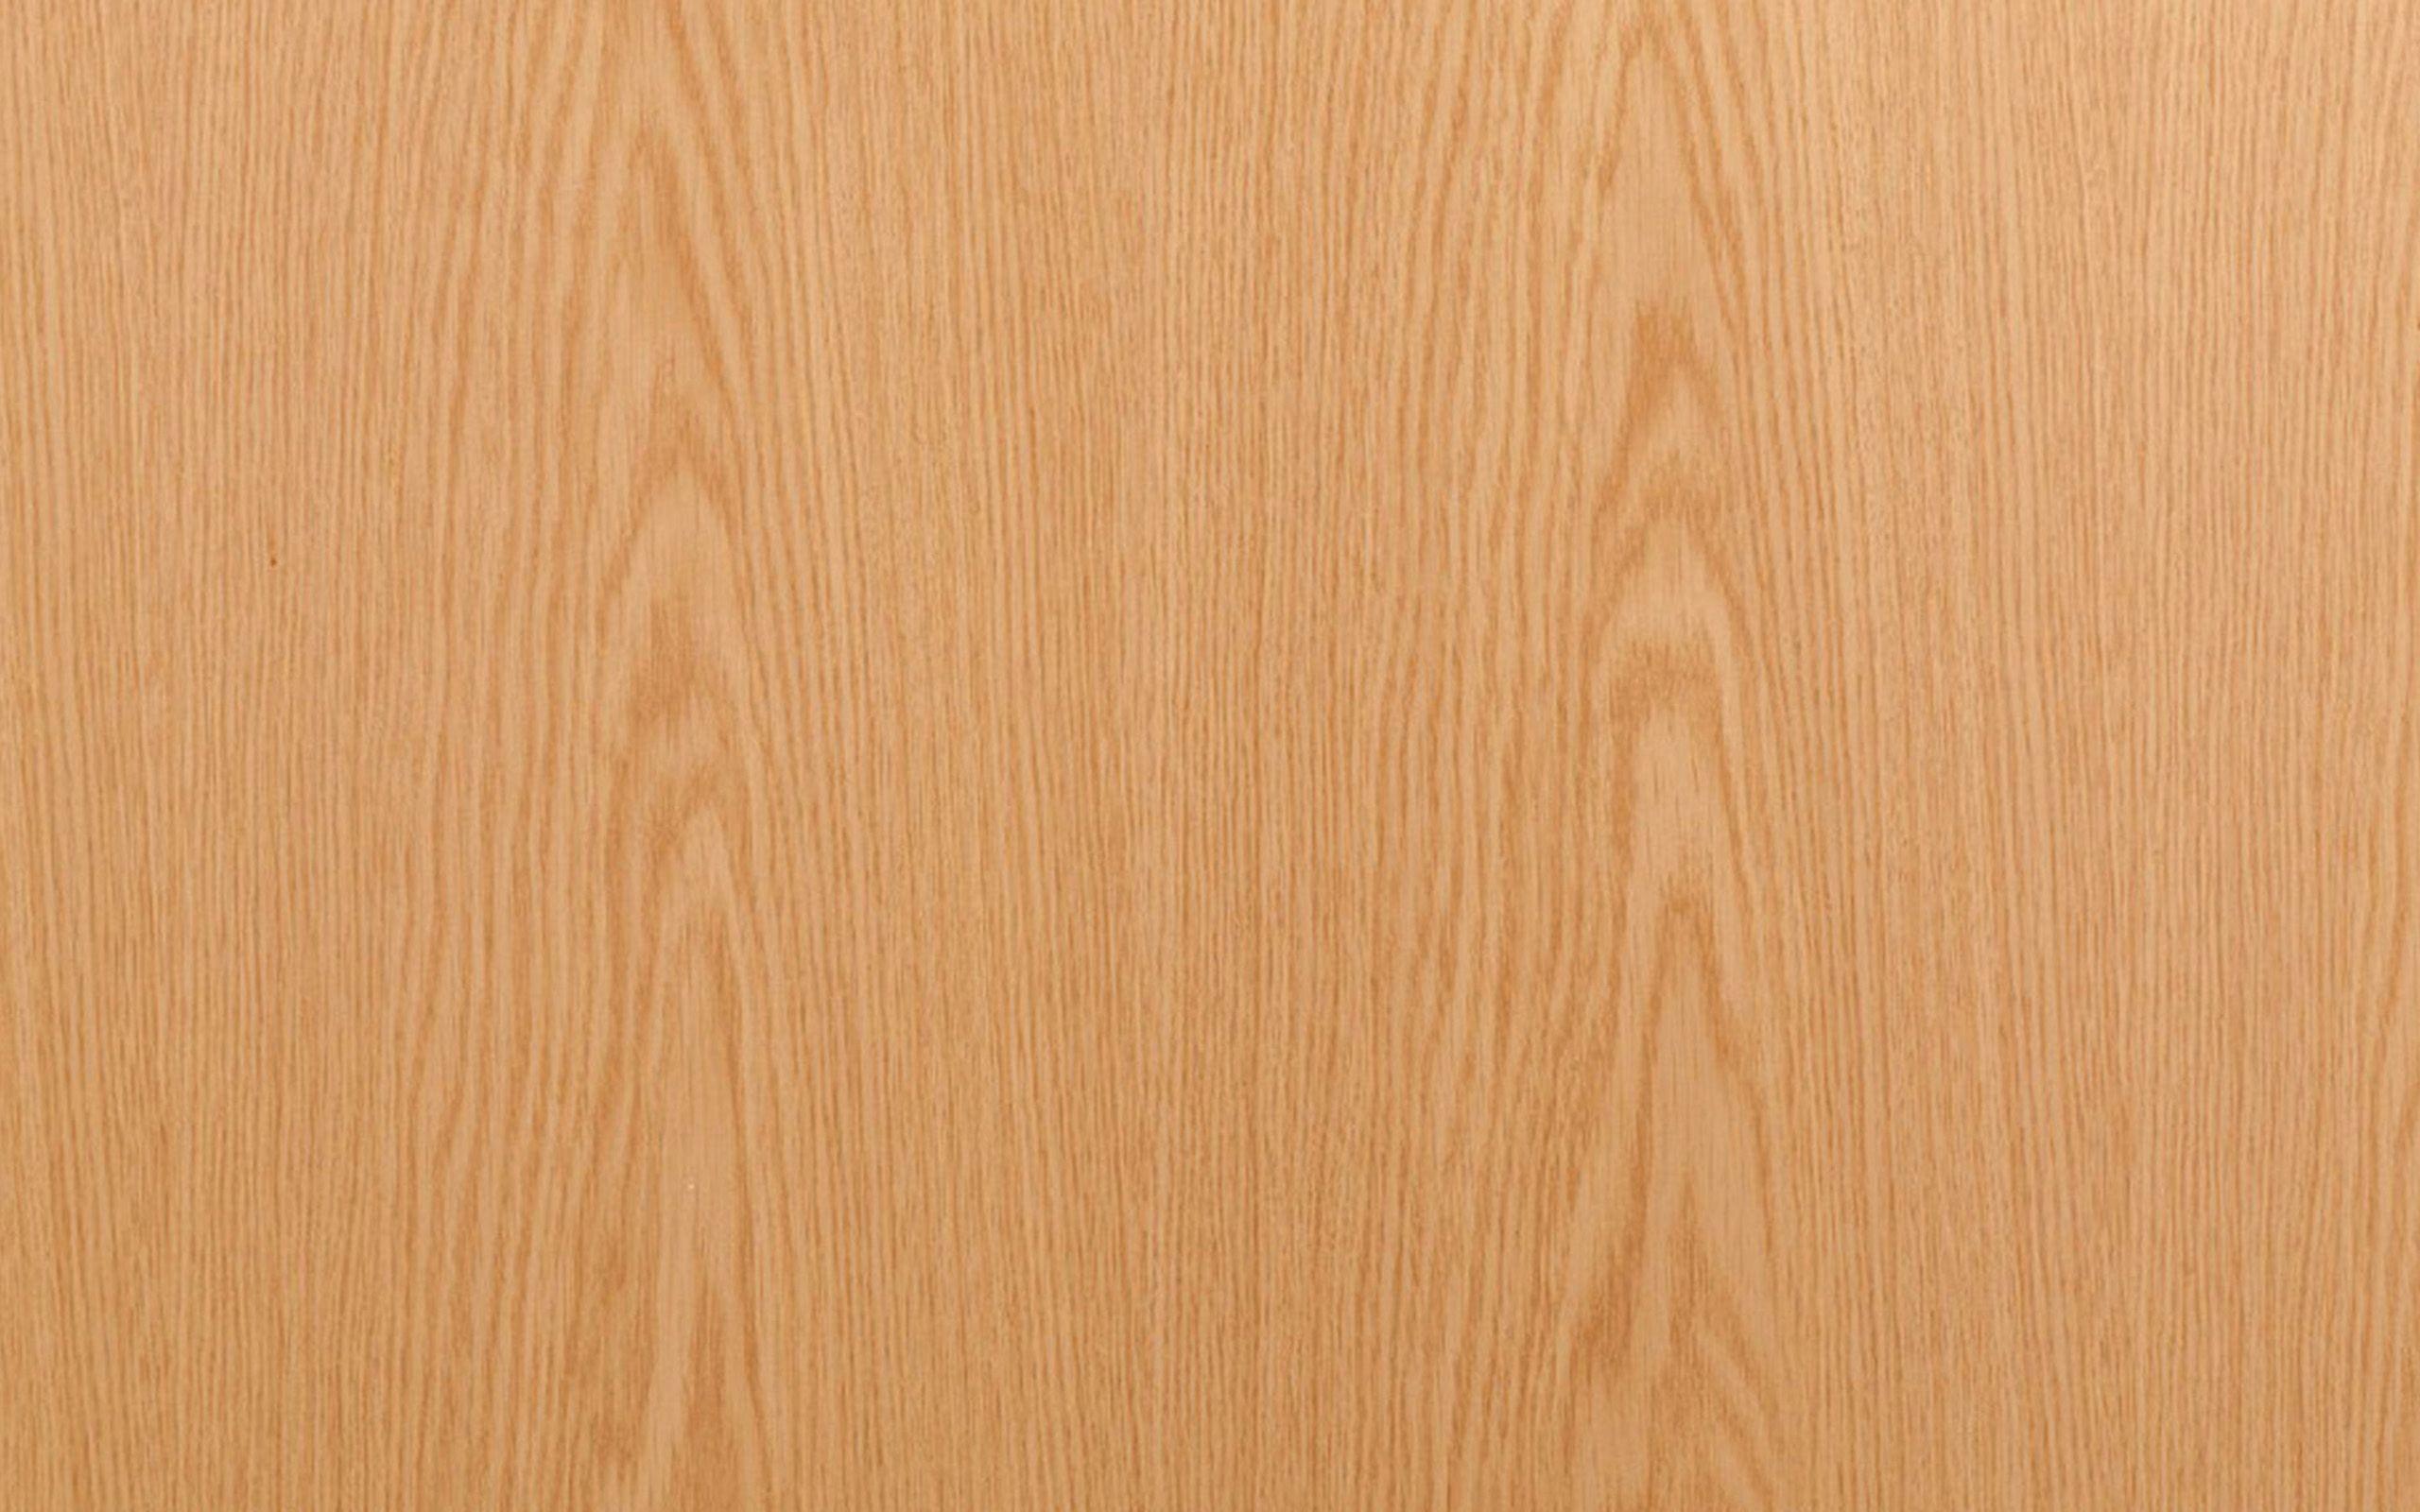 Pin By Hamdani Kurrotuain On Textures Wood Grain